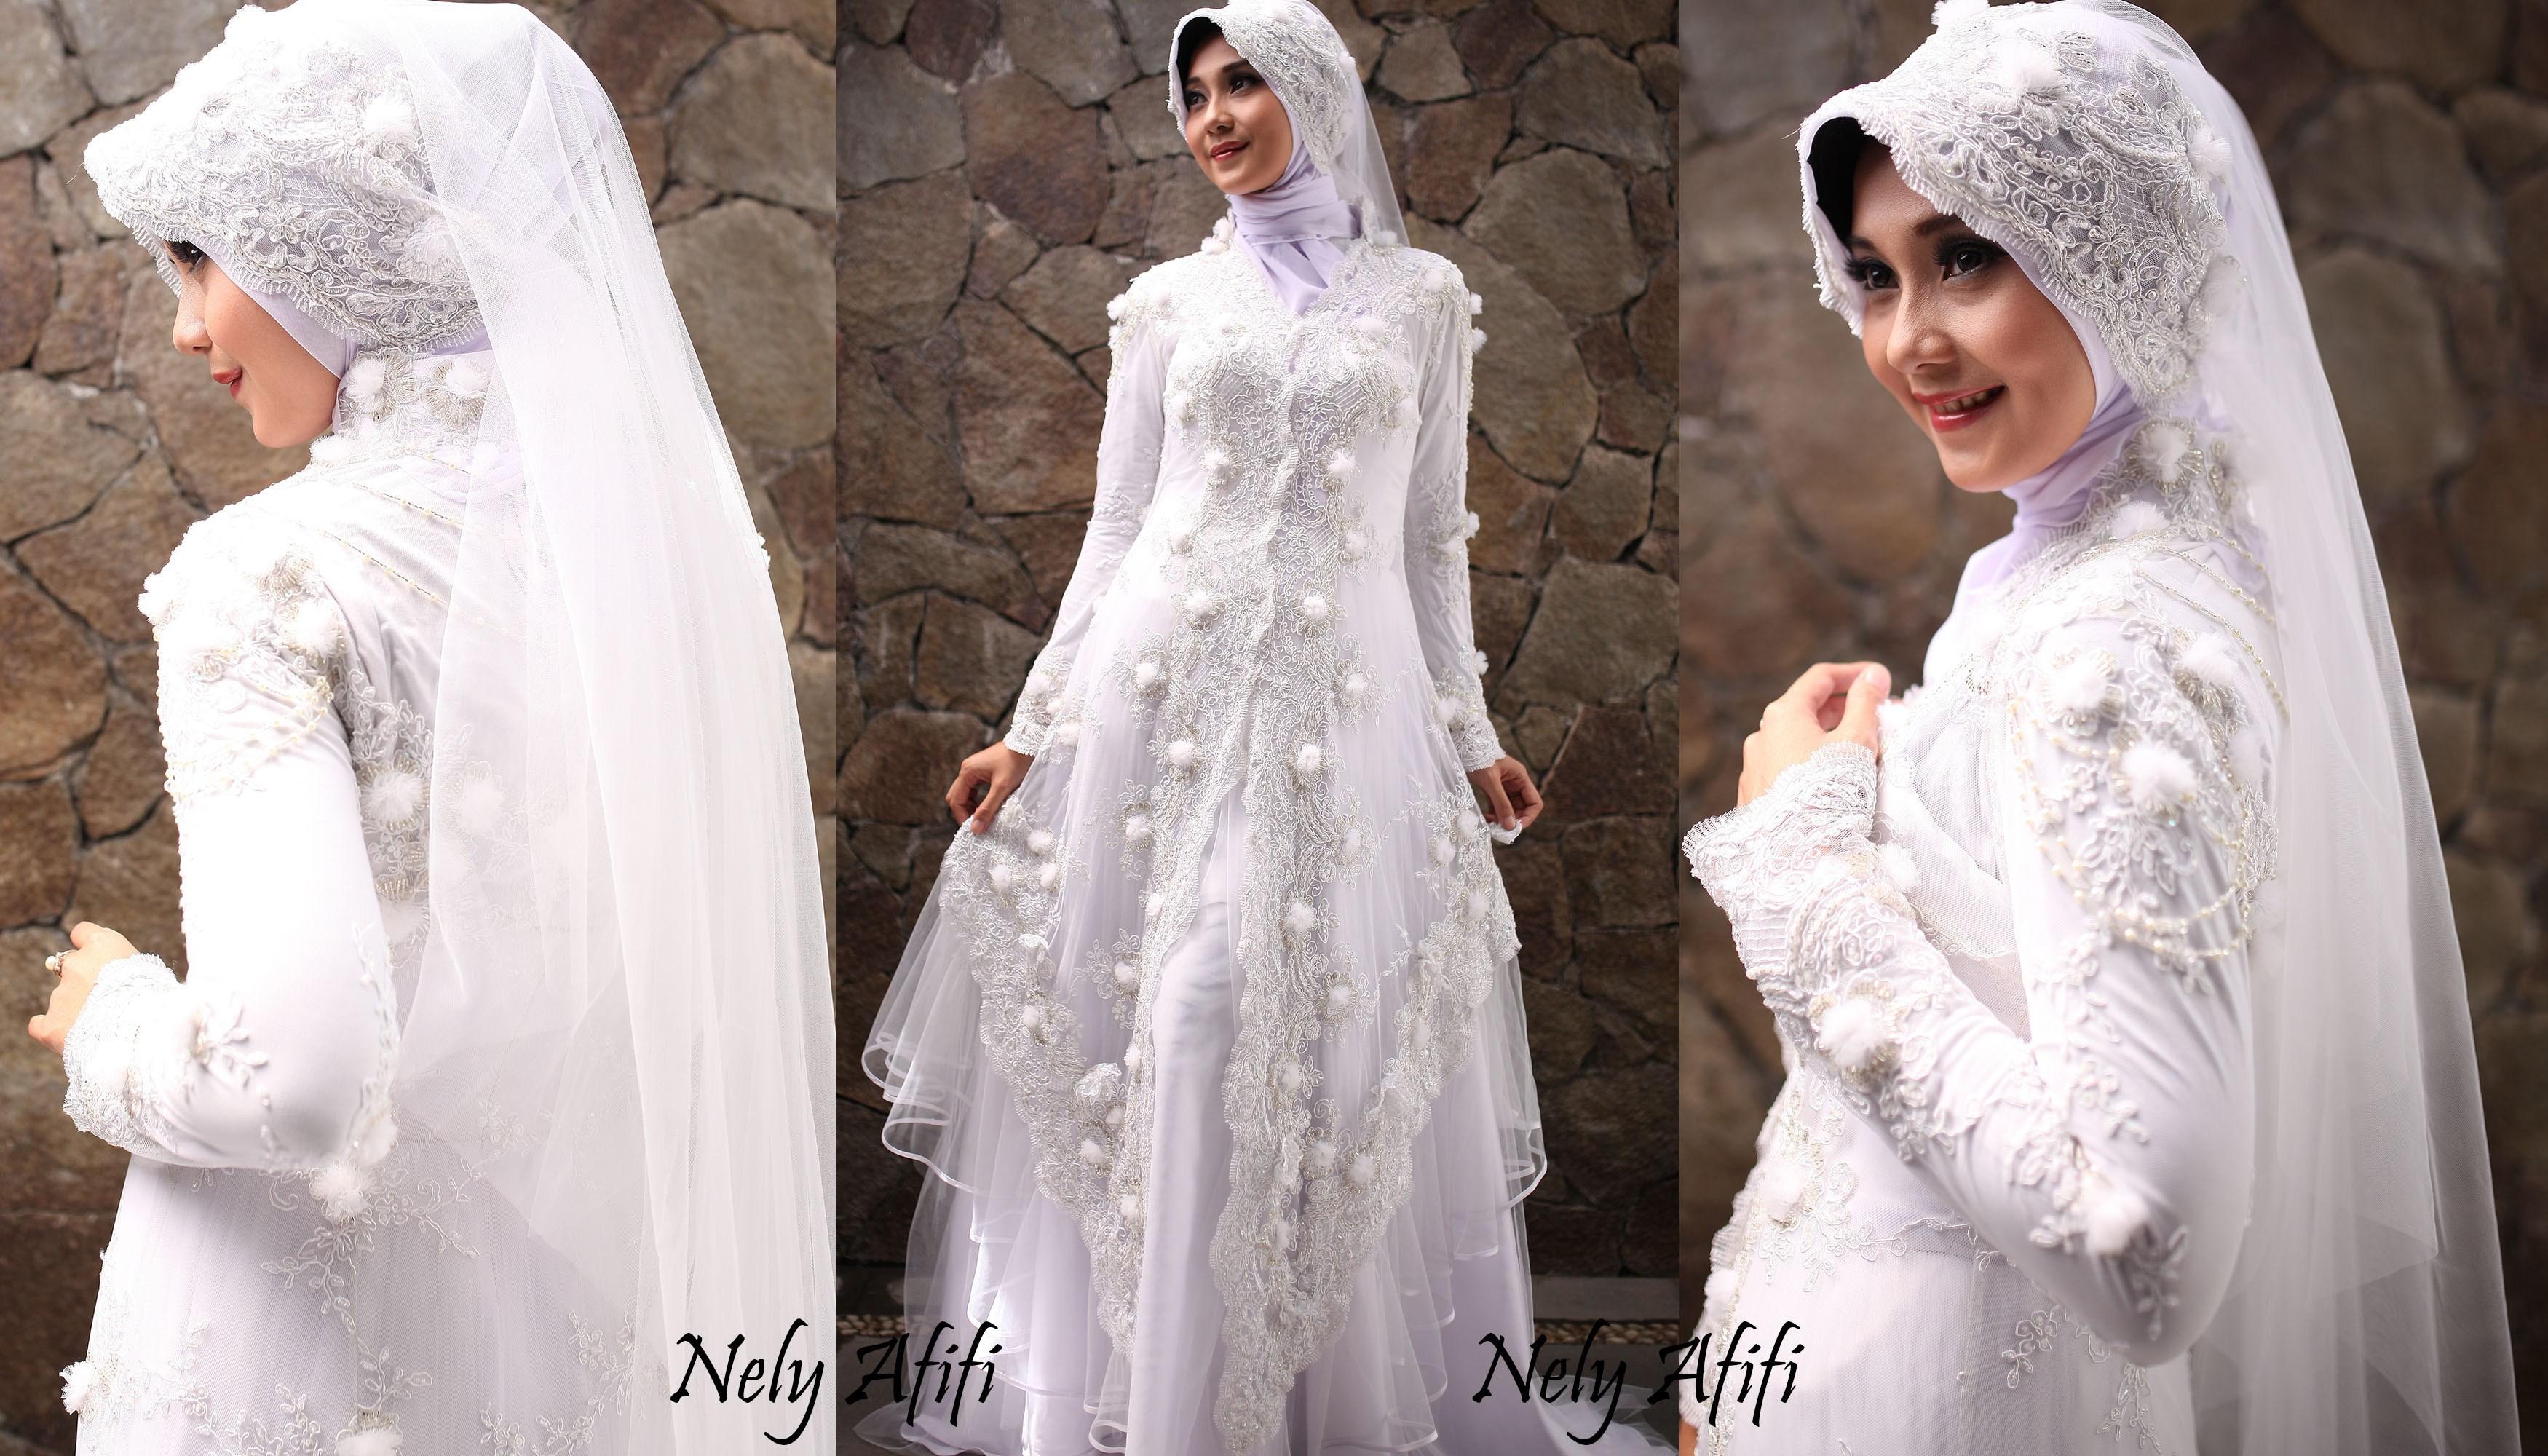 Gaun Pengantin Muslimah Bercadar Elegant Foto Wanita Bercadar Modern Cantik Gaun Pengantin Muslimah